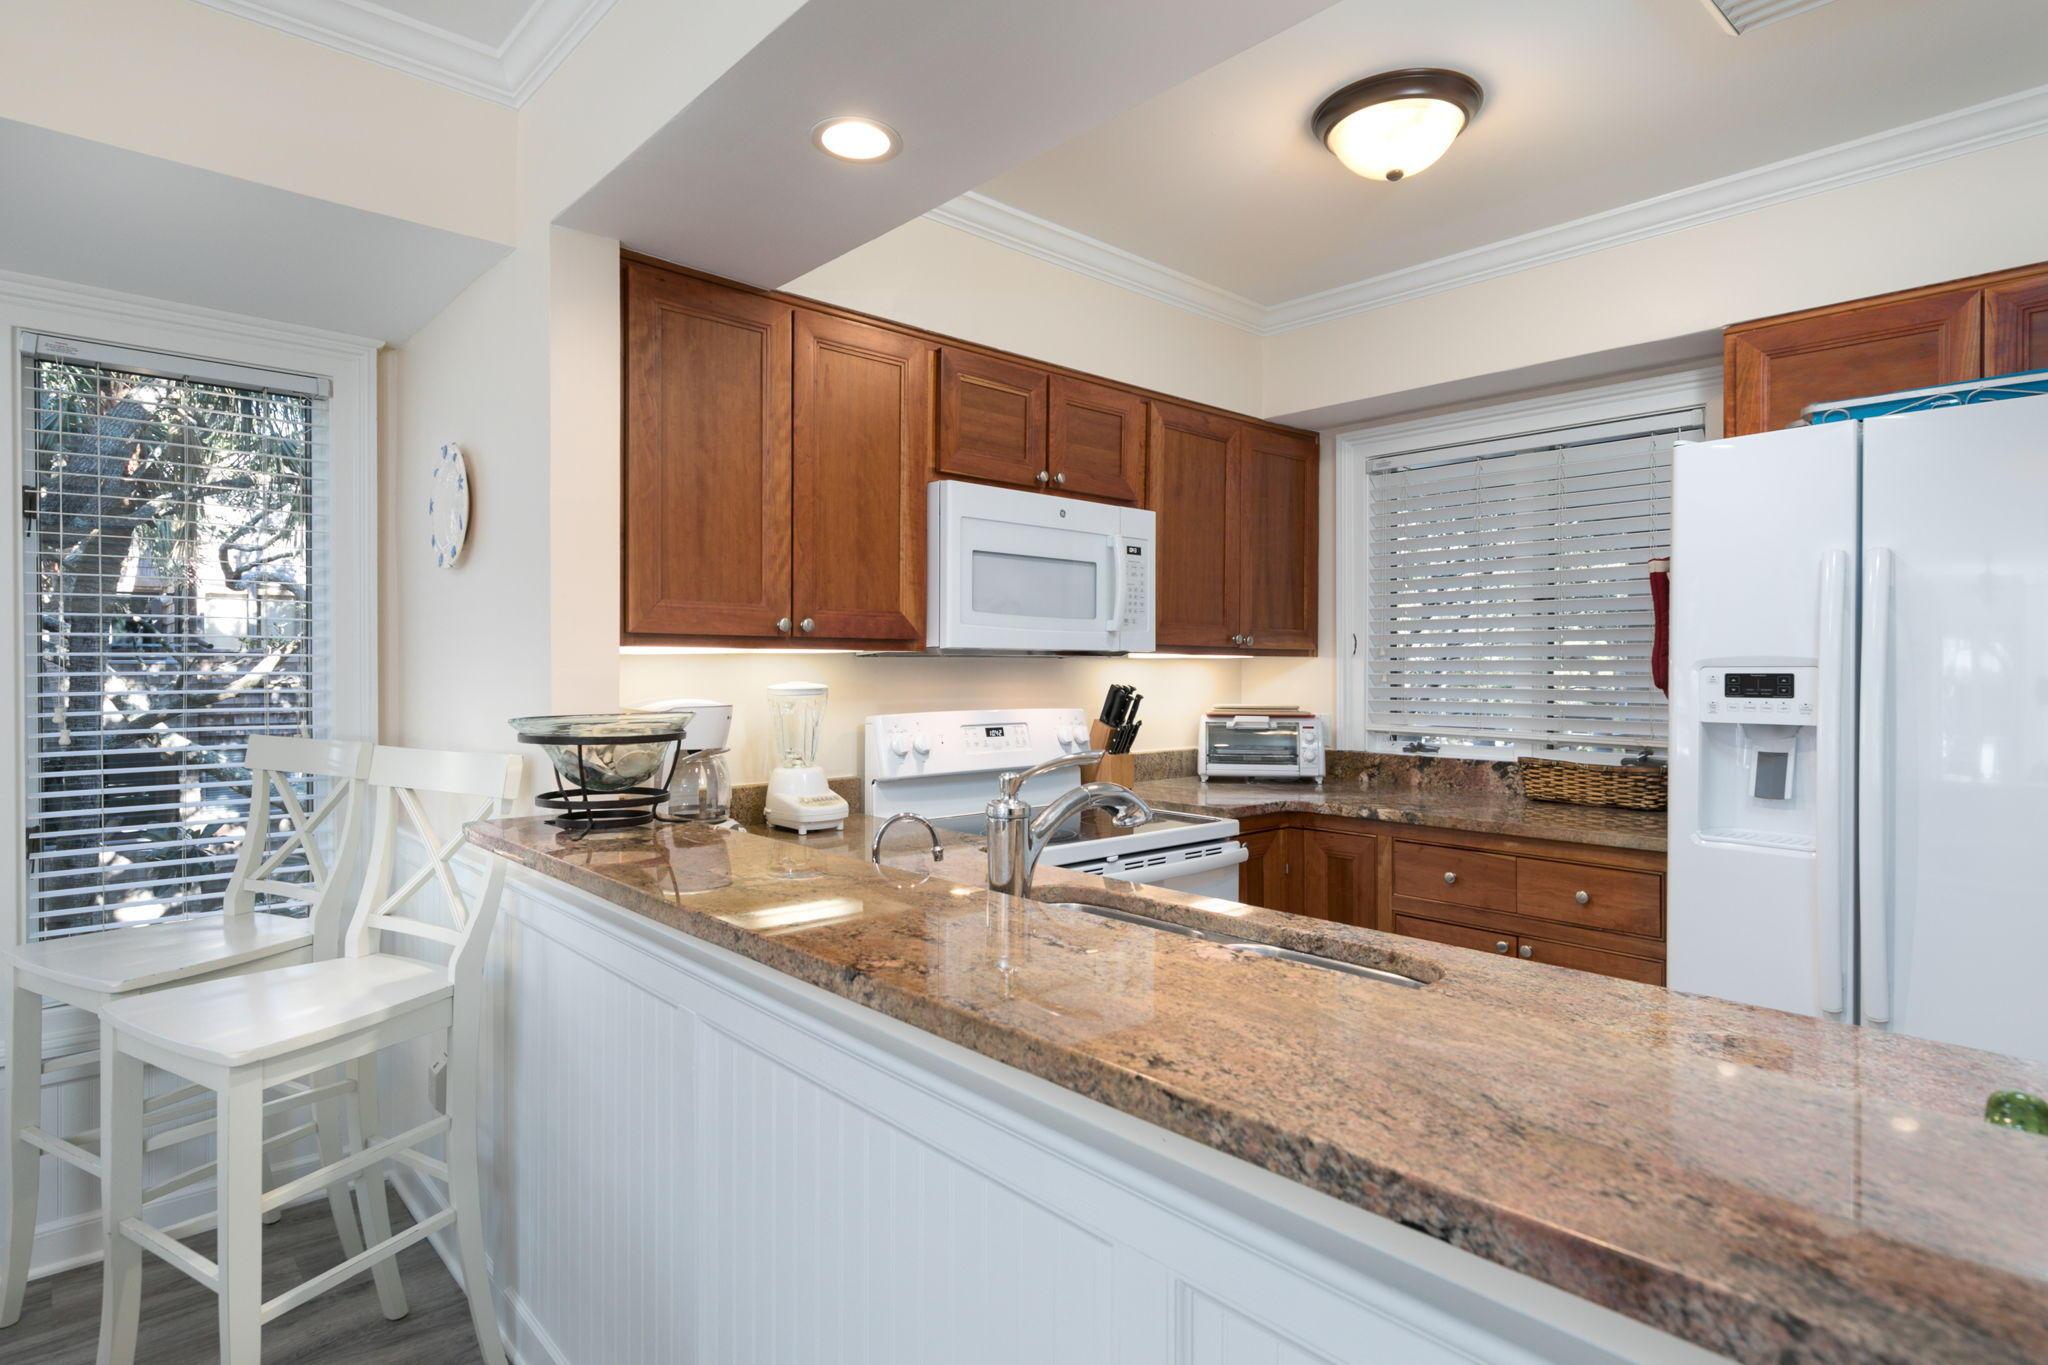 Kiawah Island Homes For Sale - 4416 Sea Forest, Kiawah Island, SC - 12